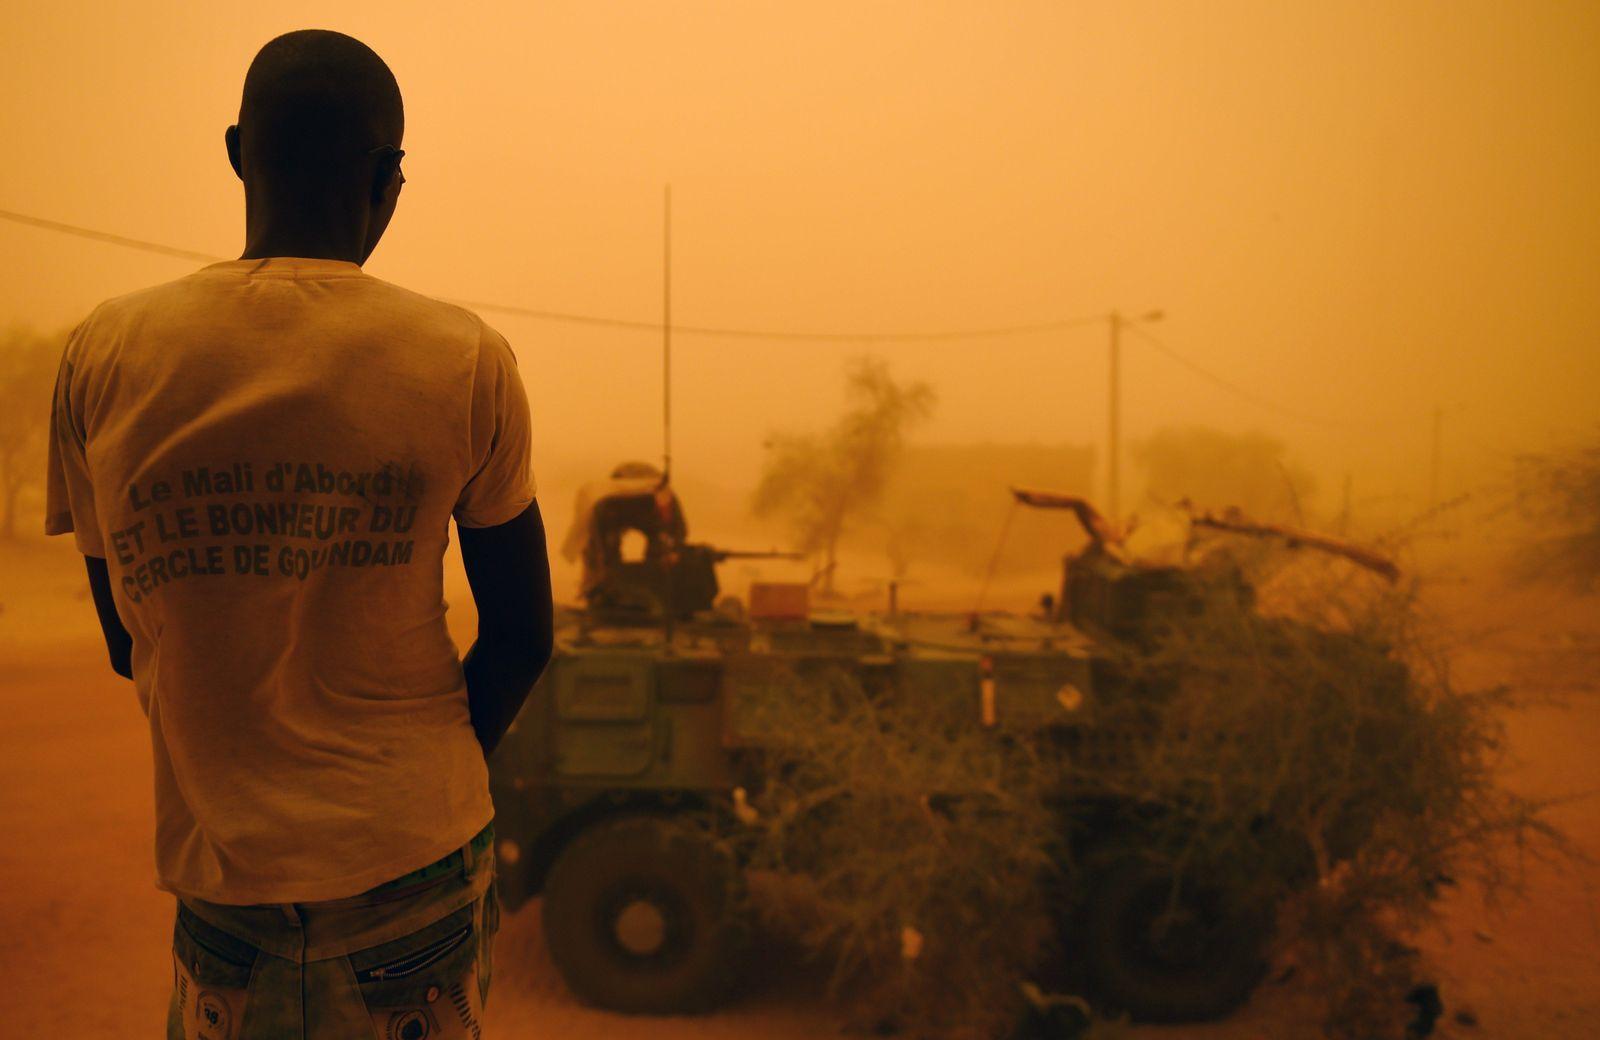 Mali Staub Wüste Symbolbild Militär Armee